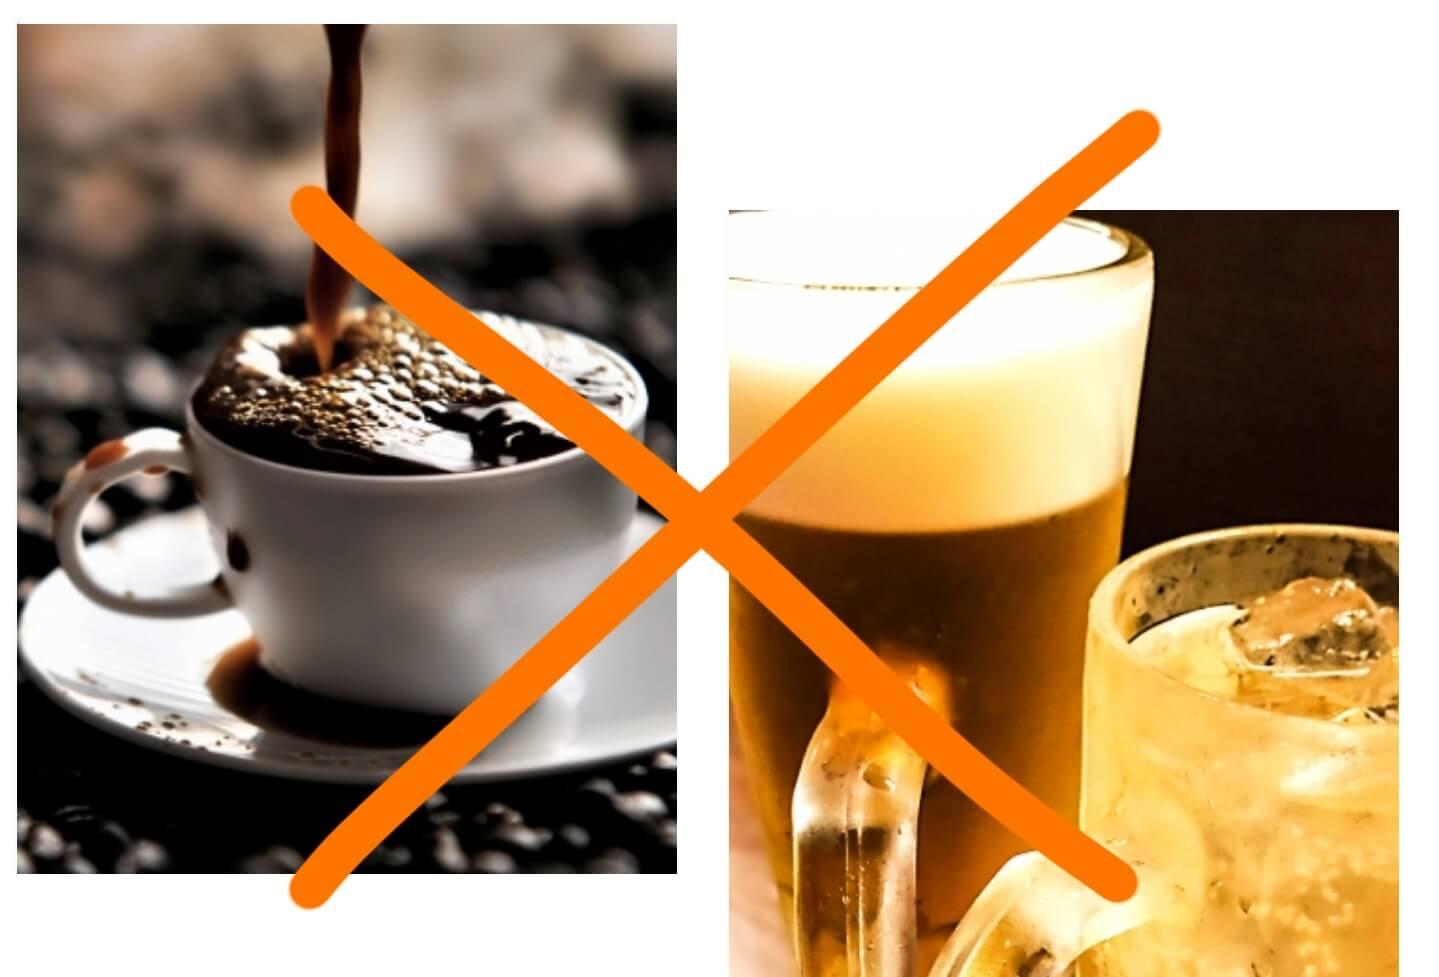 ファスティング(断食中)のコーヒーやアルコールはNG!ダメな理由と対処法